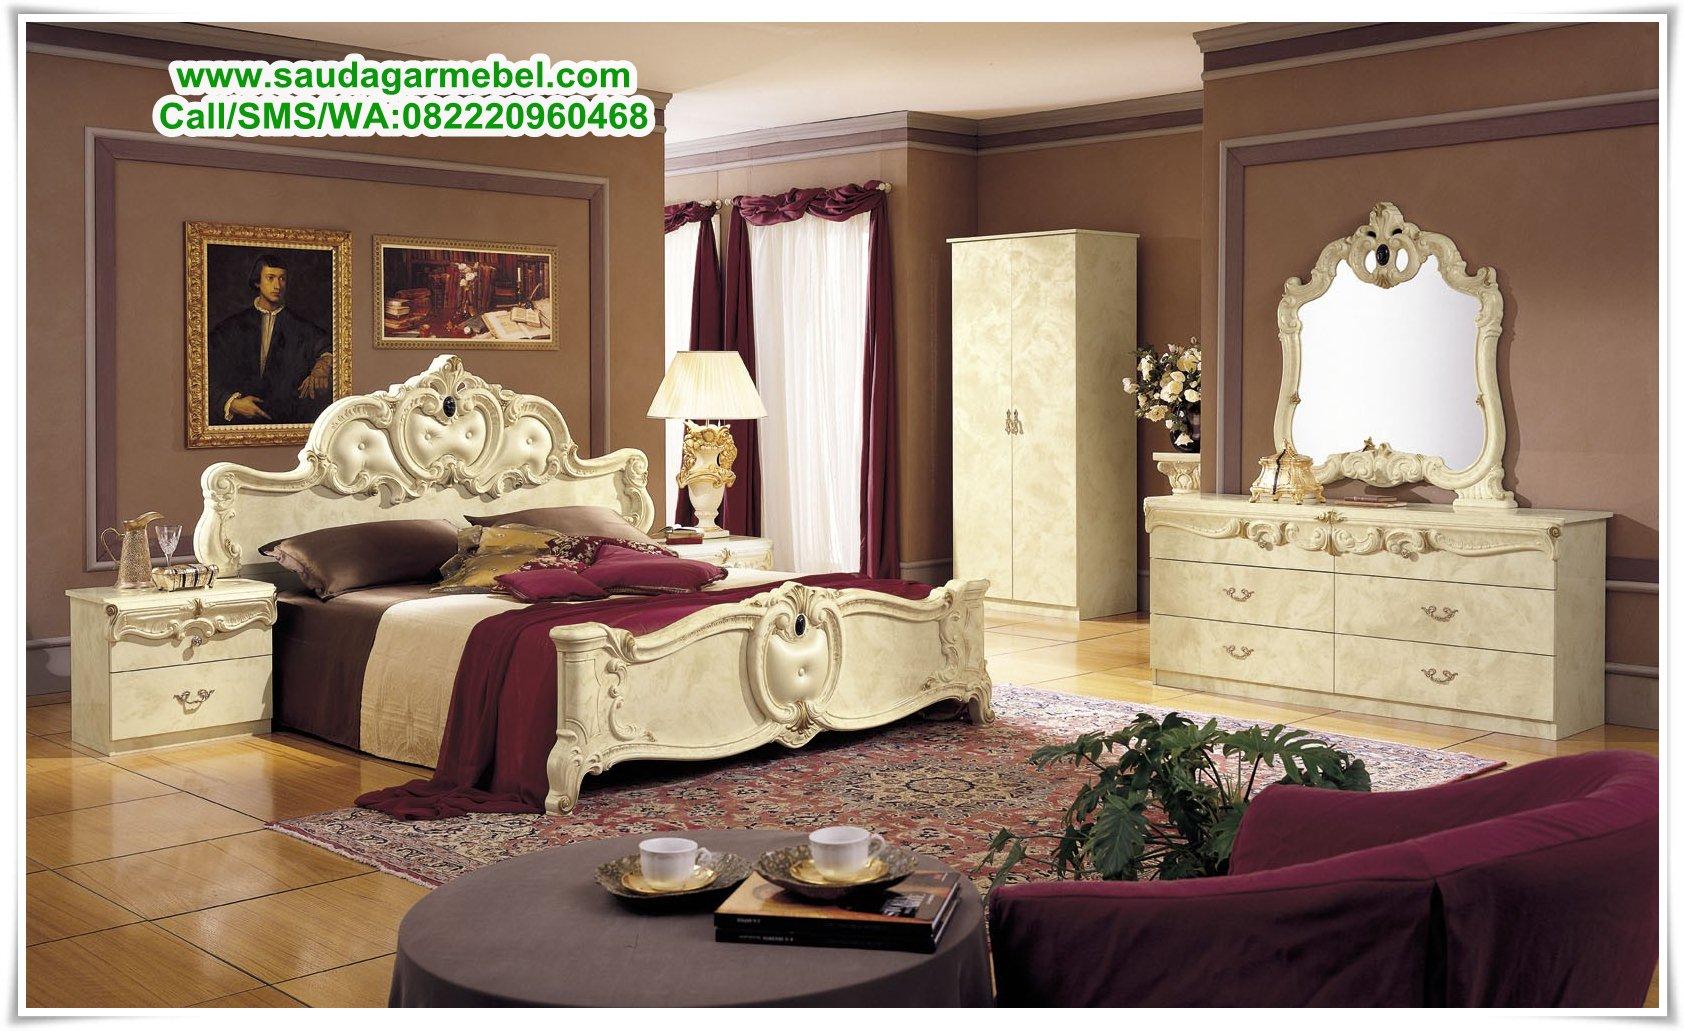 kamar set mewah terbaru italy, tempat tidur minimalis jepara, dipan anak, tempat tidur, tempat tidur anak, tempat tidur minimalis, bed room set, set tempat tidur, model tempat tidur minimalis, model tempat tidur, desain kamar anak, kamar set, tempat tidur tingkat, sofa bed minimalis, tempat tidur jati, harga tempat tidur anak, tempat tidur kayu, kamar set anak, tempat tidur anak minimalis, tempat tidur anak murah, model tempat tidur terbaru, model tempat tidur anak, gambar tempat tidur minimalis, gambar tempat tidur anak, model tempat tidur kayu, tempat tidur jepara, tempat tidur anak laki-laki, tempat tidur dari kayu, tempat tidur tingkat anak, tempat tidur kayu jati, tempat tidur anak tingkat, tempat tidur kayu minimalis, harga tempat tidur tingkat, tempat tidur jati minimalis, set kamar tidur, tempat tidur anak-anak, tempat tidur terbaru, tempat tidur minimalis murah, kamar anak laki, jual tempat tidur anak, jual tempat tidur minimalis, bed set minimalis,kamar tidur bayi, model tempat tidur minimalis terbaru, set kamar tidur minimalis, model dipan minimalis, kamar tidur set, kamar set anak murah, furniture jepara, Olympic furniture, toko furniture, furniture jati, mebel jati, mebel jepara, desain interior, bed room set, dipan, dipan jati, dipan jati minimalis, dipan kayu, dipan minimalis, gambar dipan, kamar set, kamar set anak, kamar set minimalis, model tempat tidur minimalis, saudagar mebel, furniture jepara, toko online furniture, toko online mebel, toko furniture online